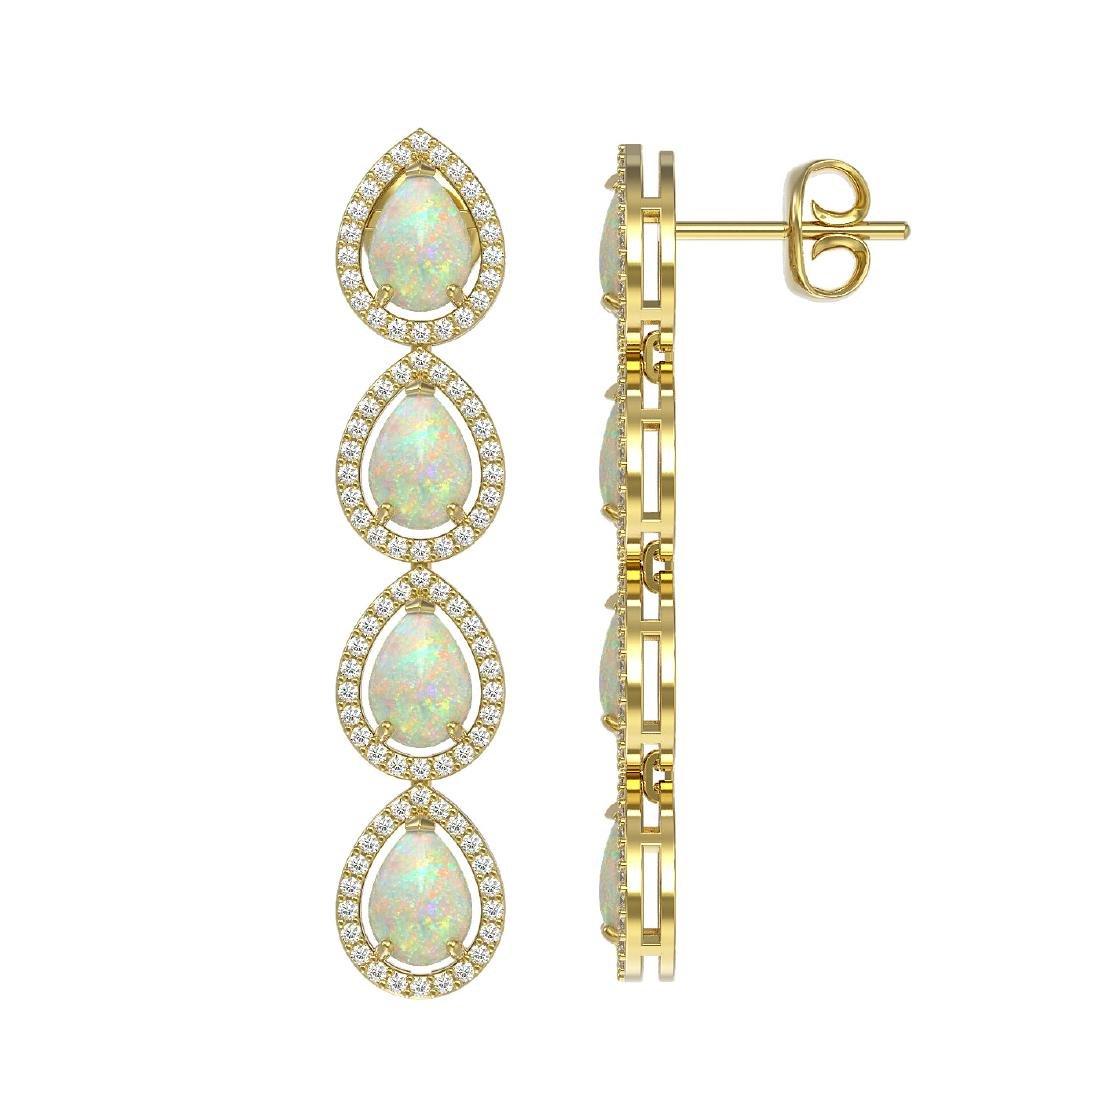 6.2 CTW Opal & Diamond Halo Earrings 10K Yellow Gold - 2